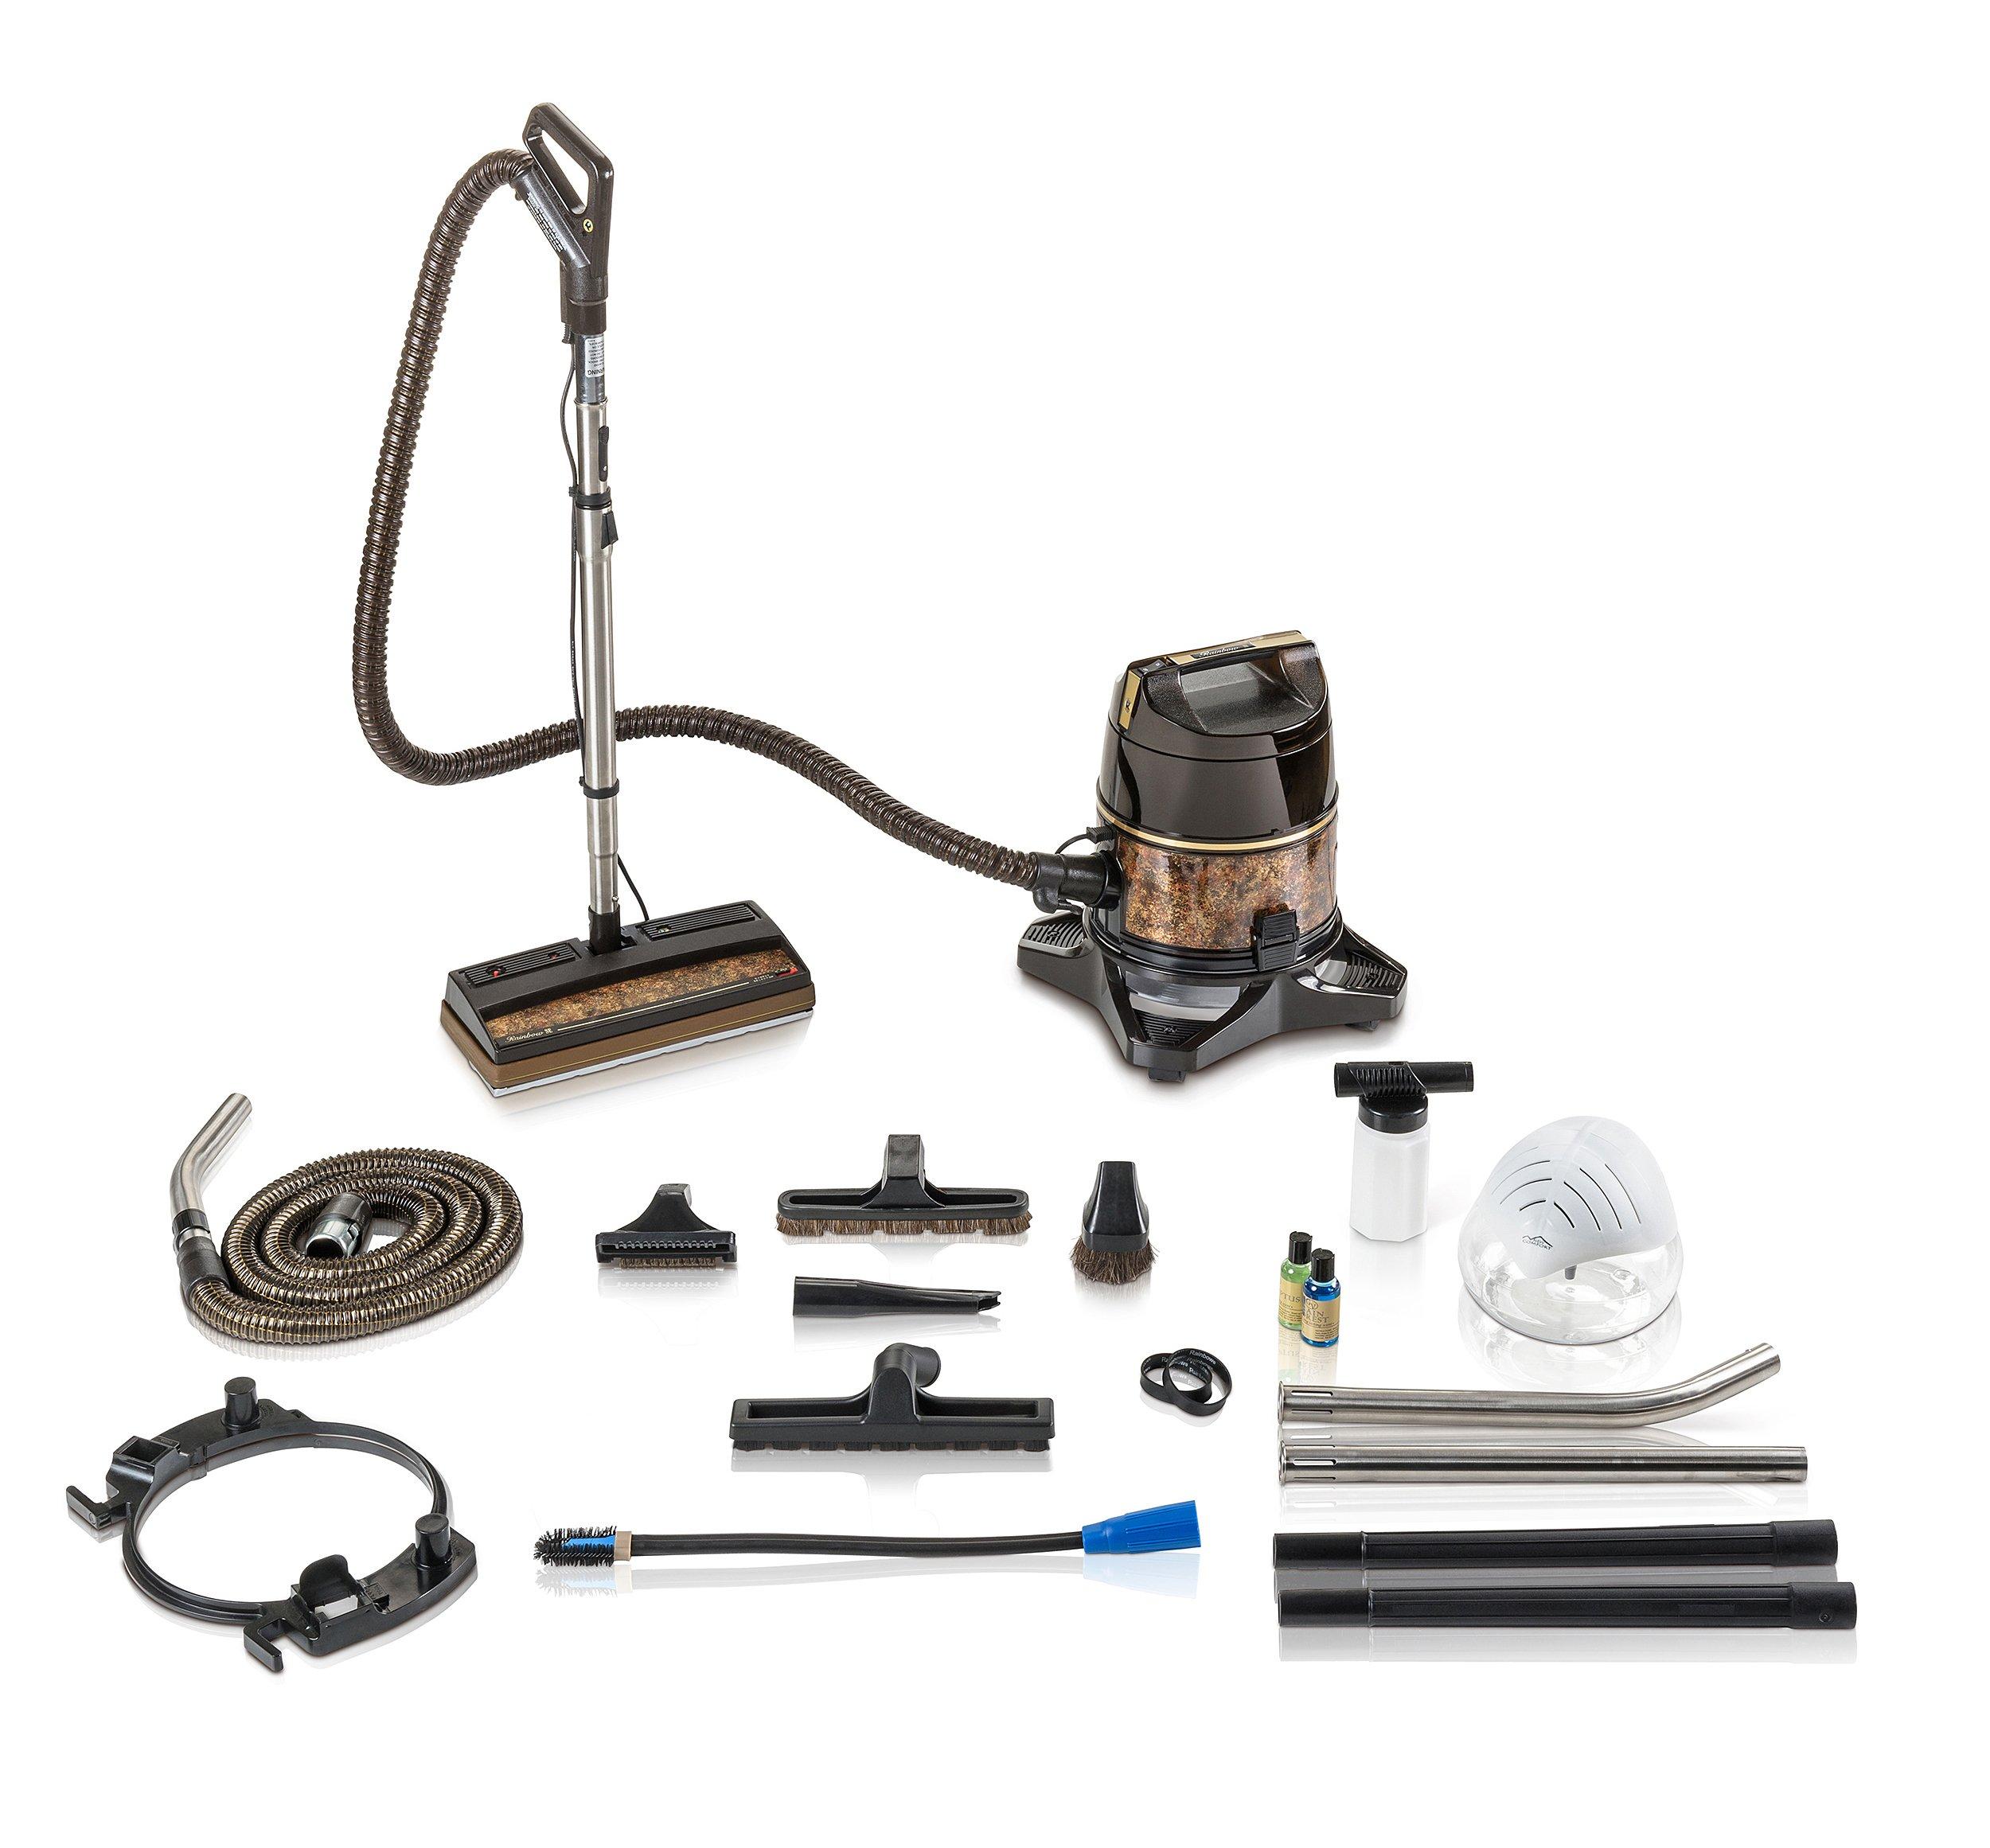 filter queen canister vacuum wiring diagram xw 4013  source rainbow vacuum parts diagram free diagram  source rainbow vacuum parts diagram